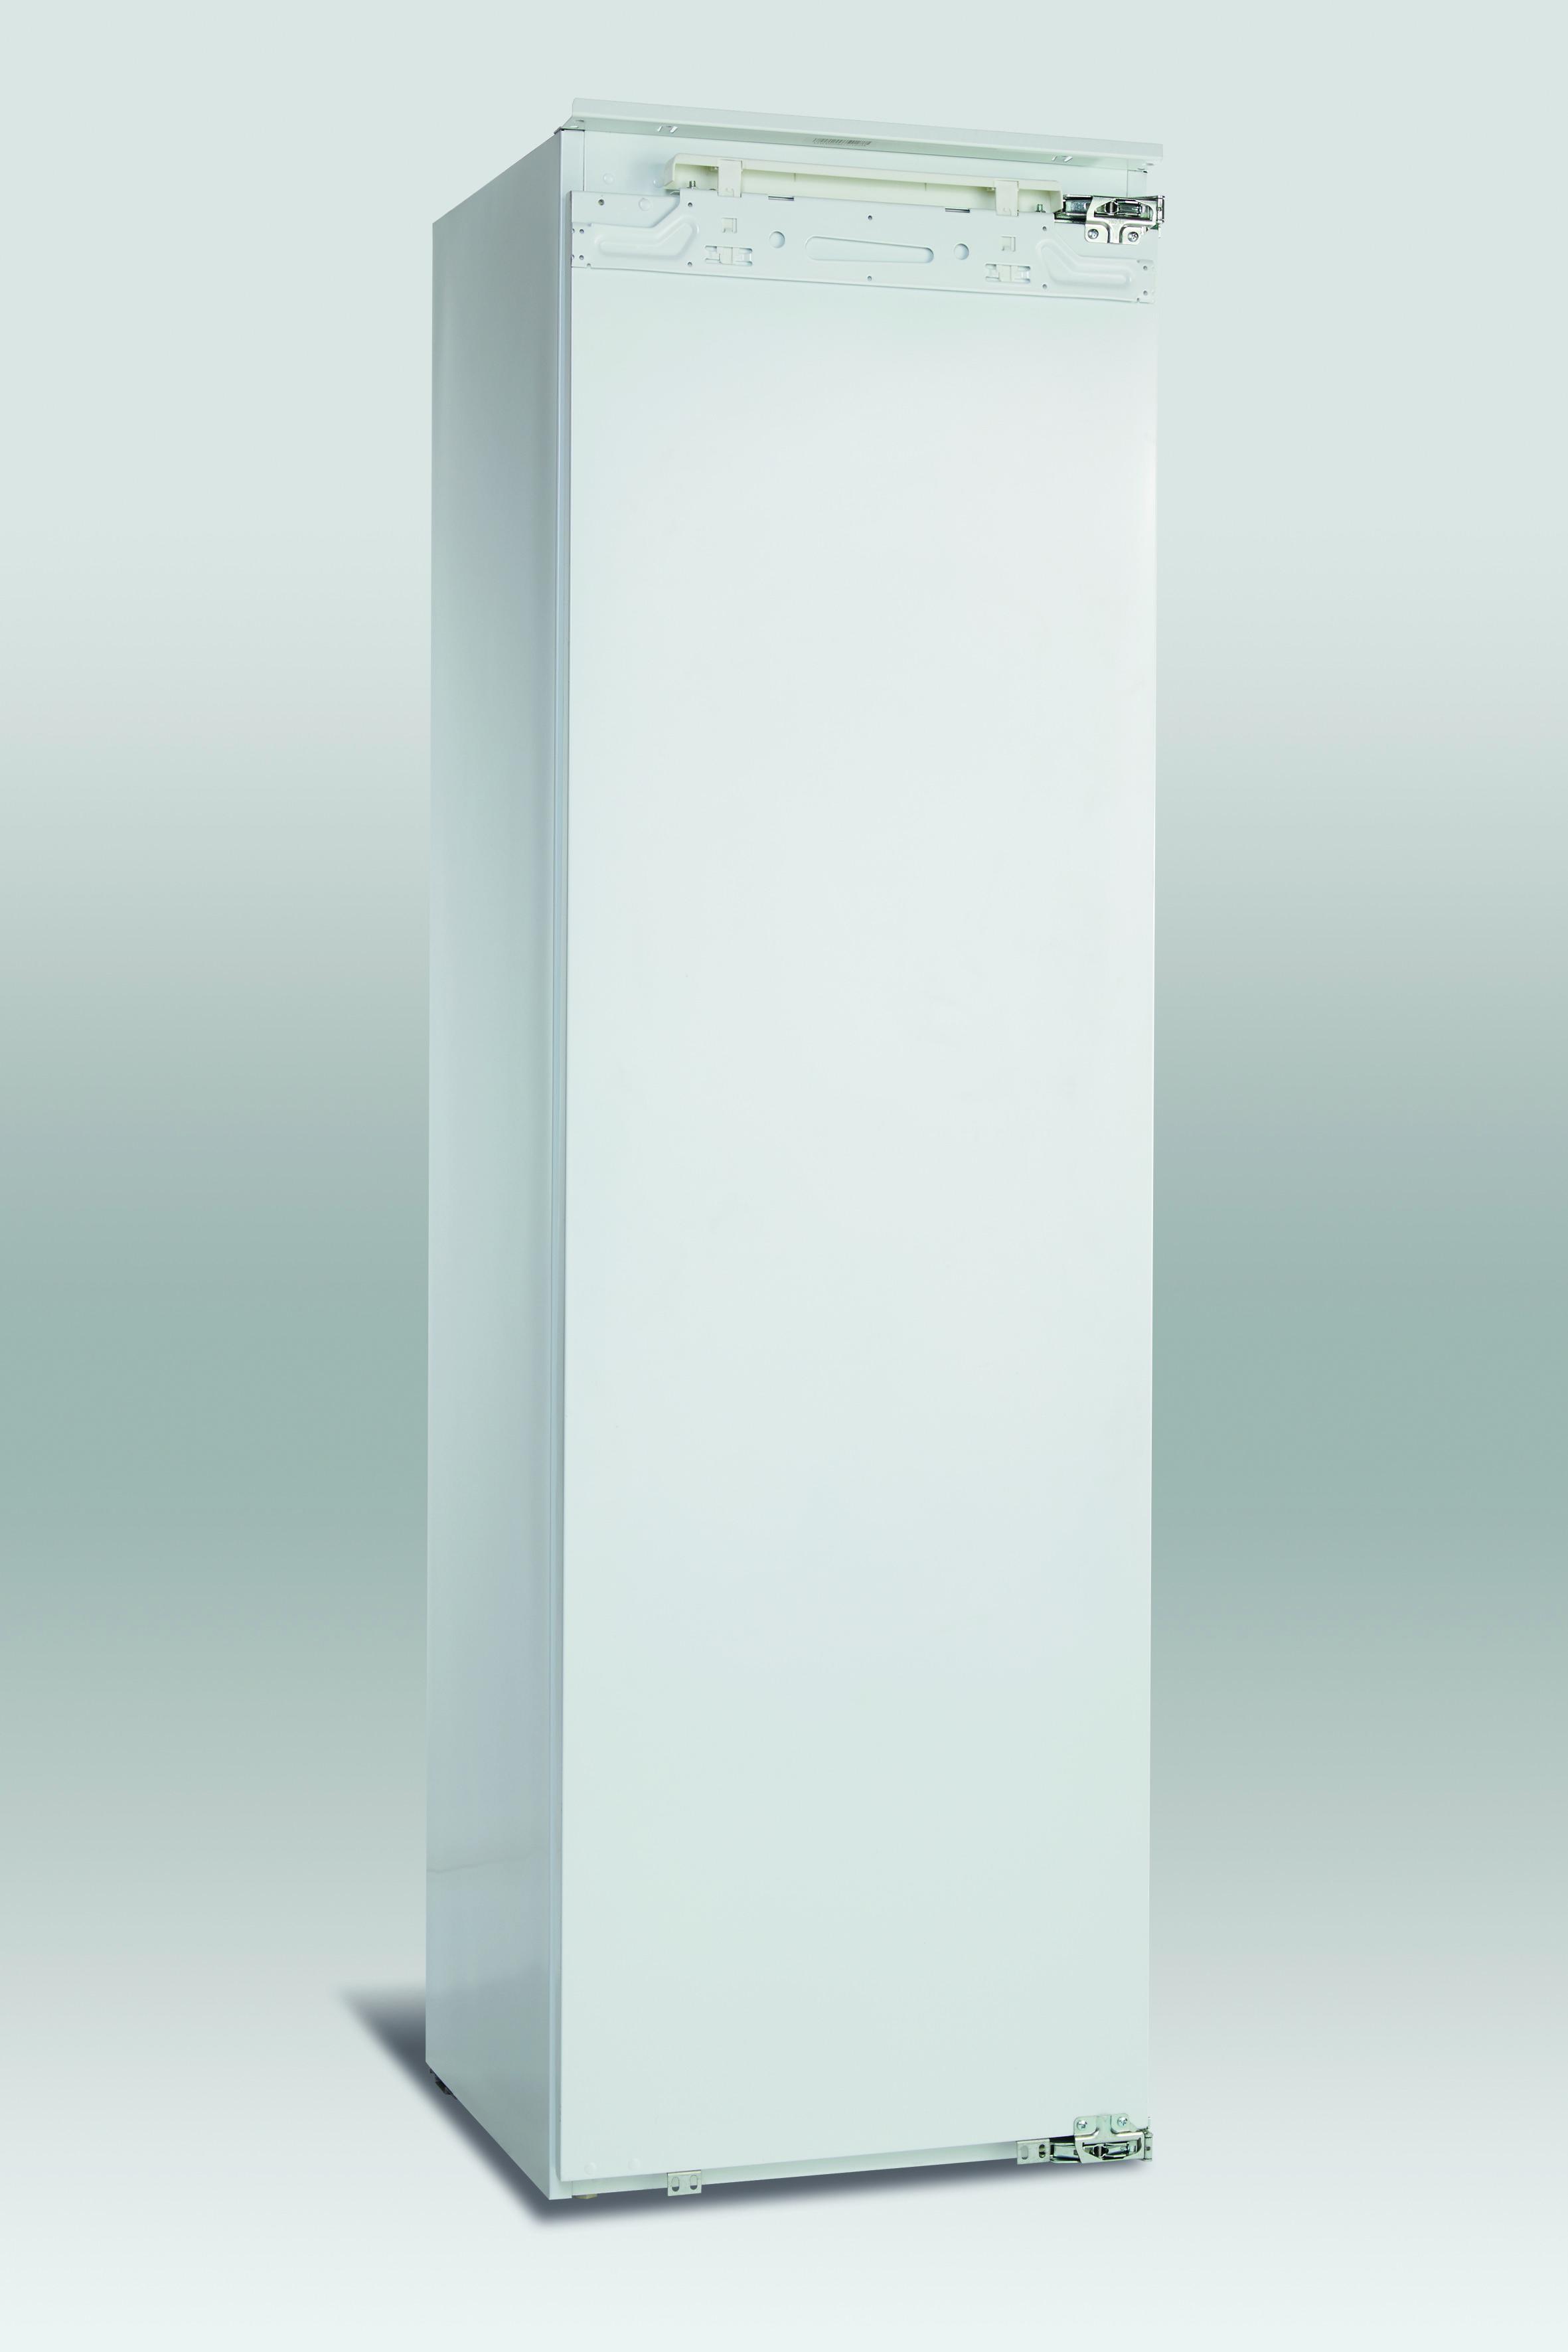 Integreeritav külmik Scandomestic BIK341A+